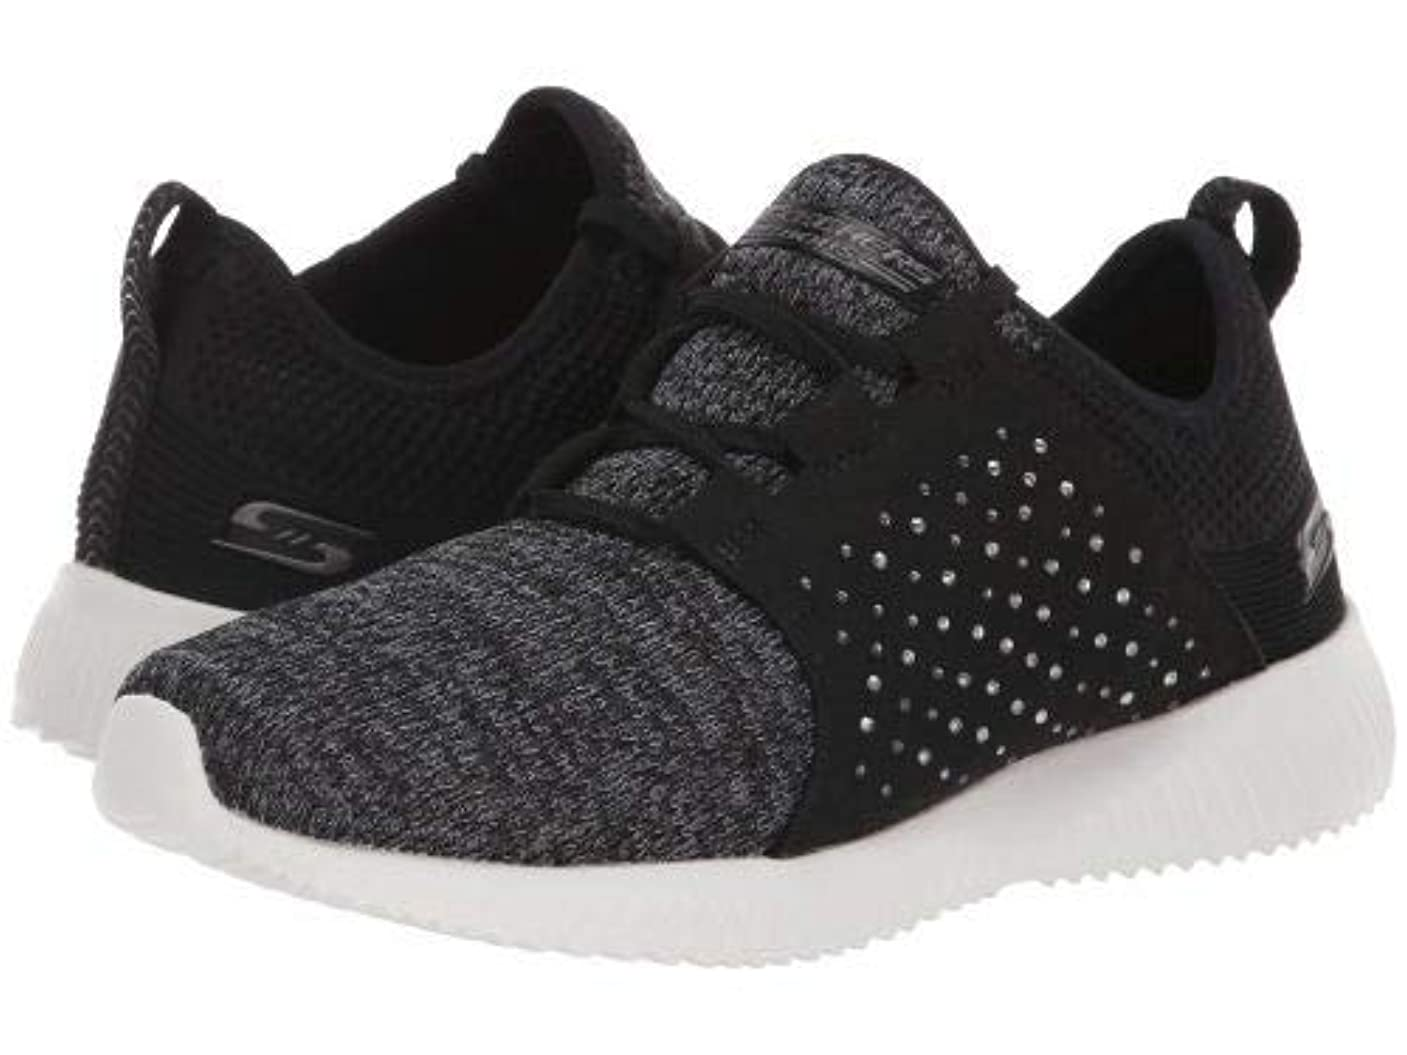 慣習囲む化石BOBS from SKECHERS(ボブス スケッチャーズ) レディース 女性用 シューズ 靴 スニーカー 運動靴 Bobs Squad - Black/Charcoal [並行輸入品]